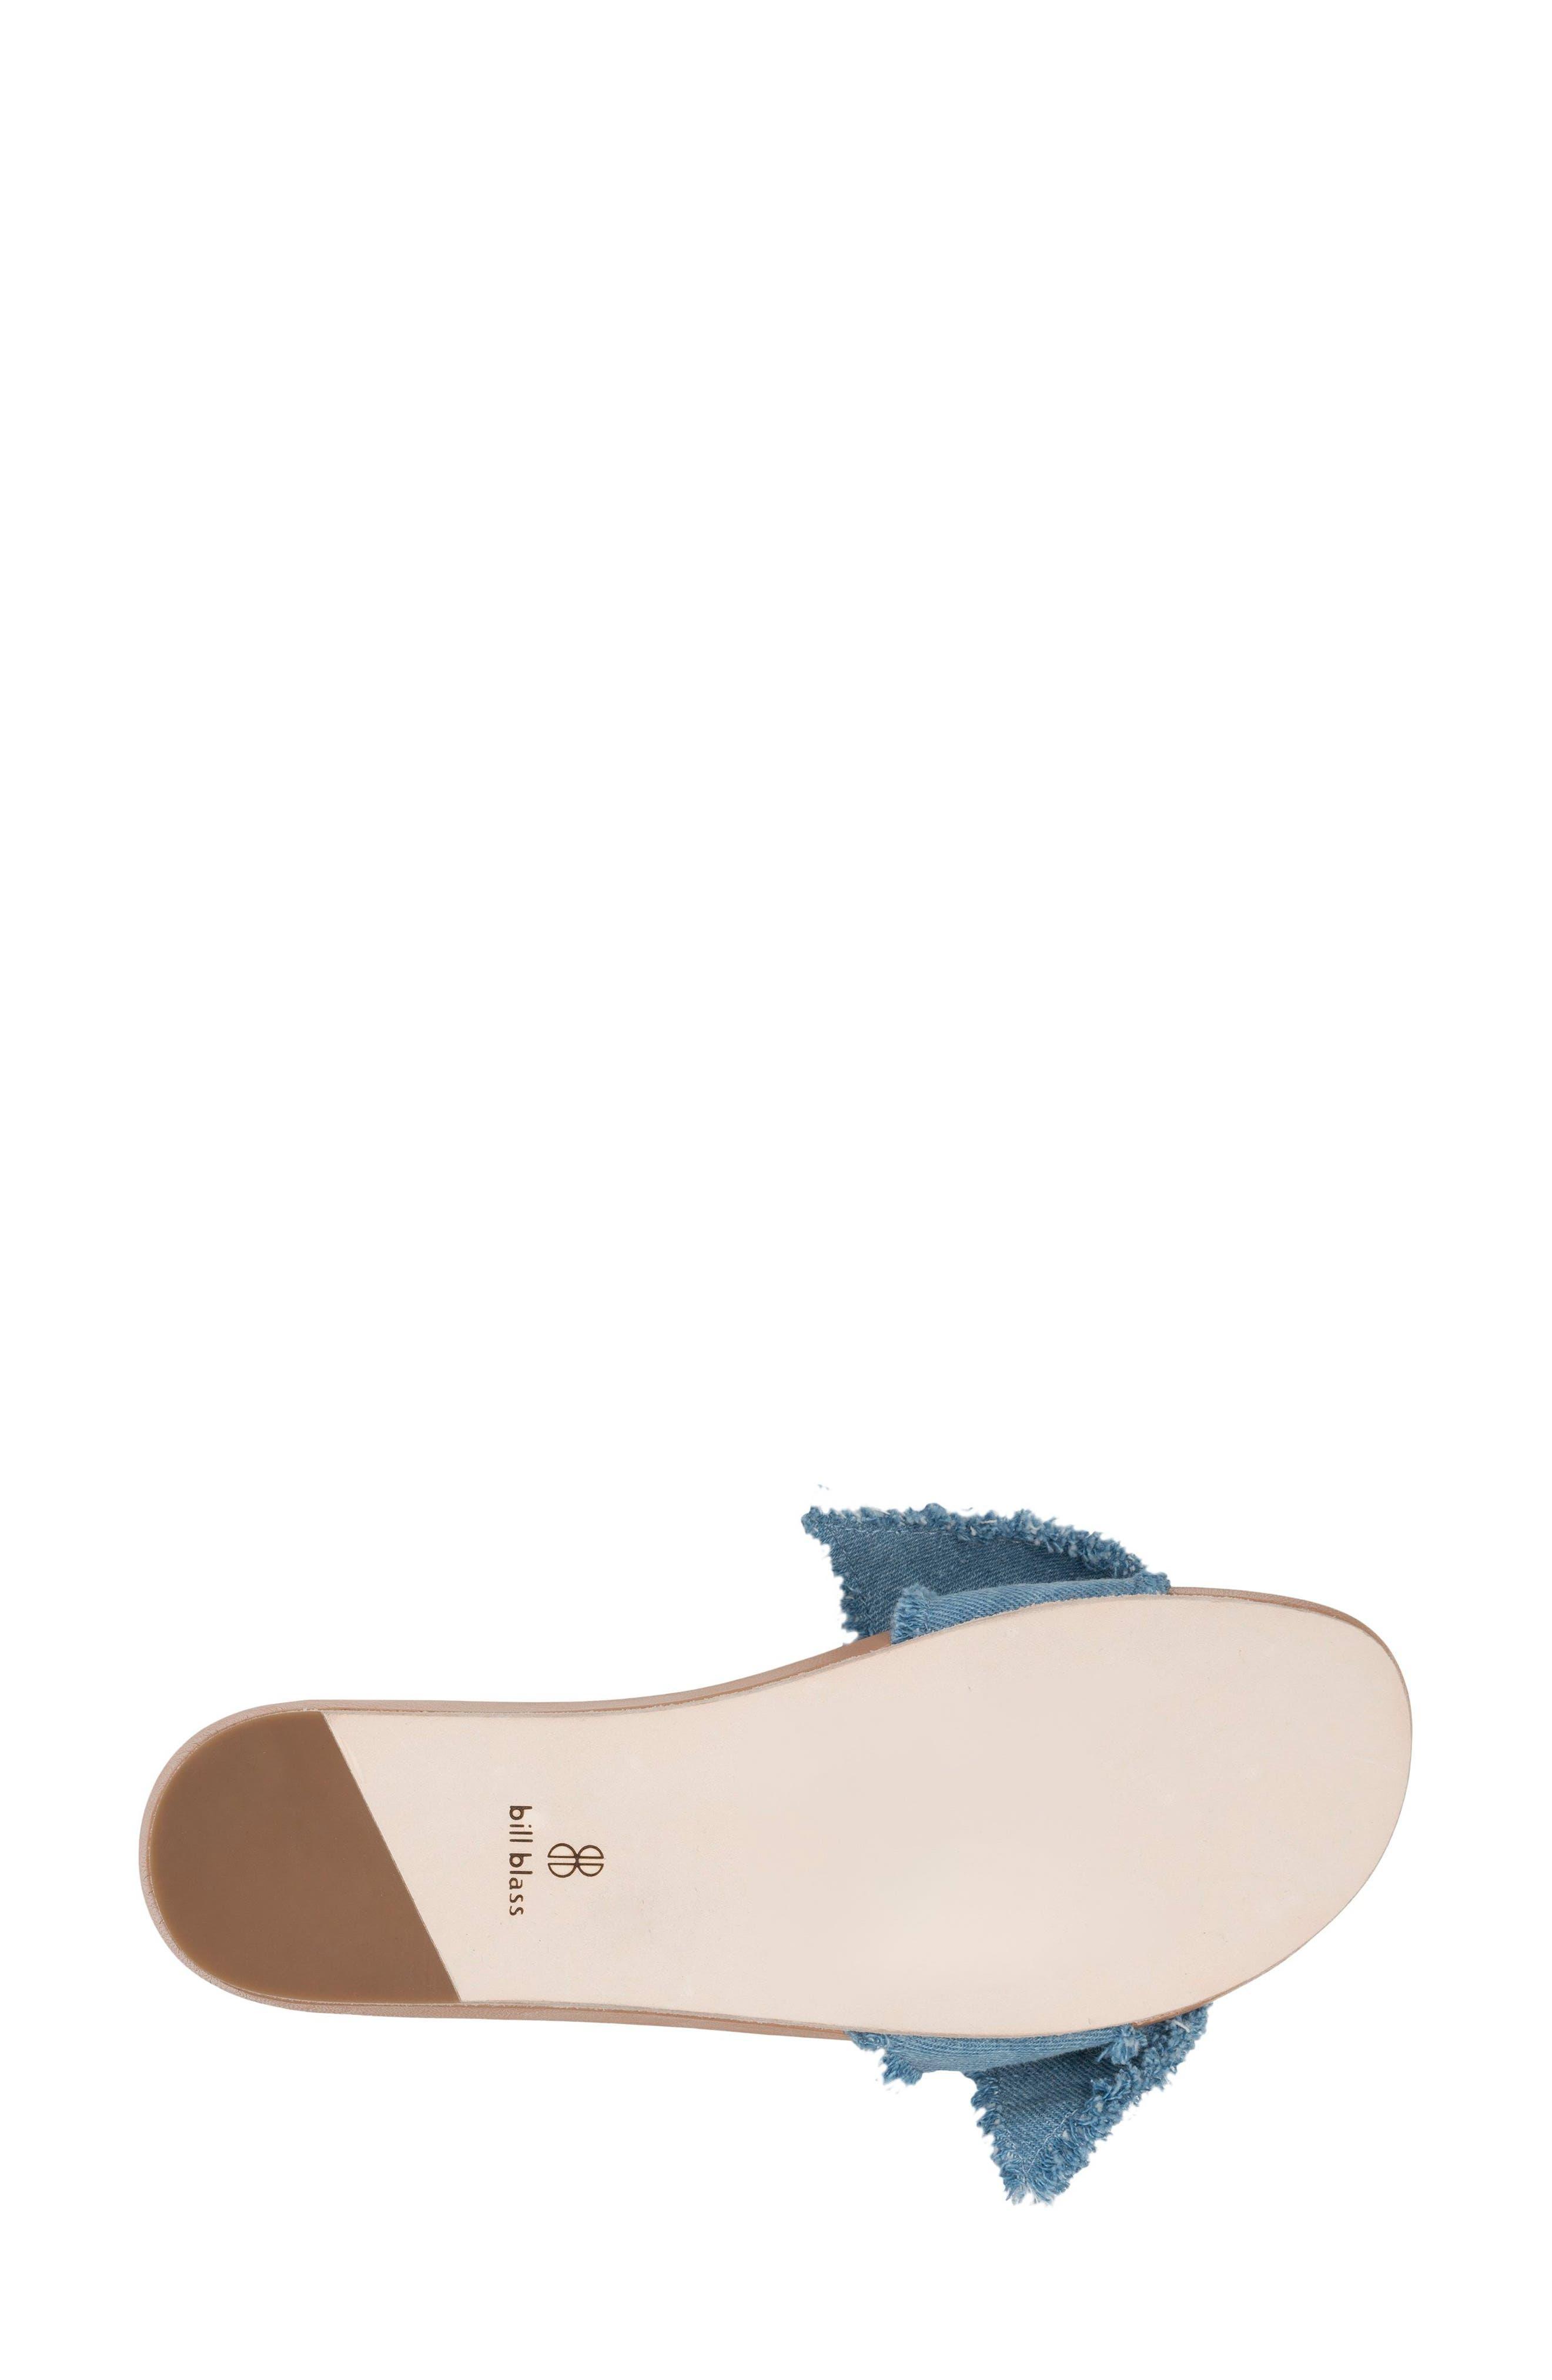 Carmen Slide Sandal,                             Alternate thumbnail 5, color,                             Blue Denim